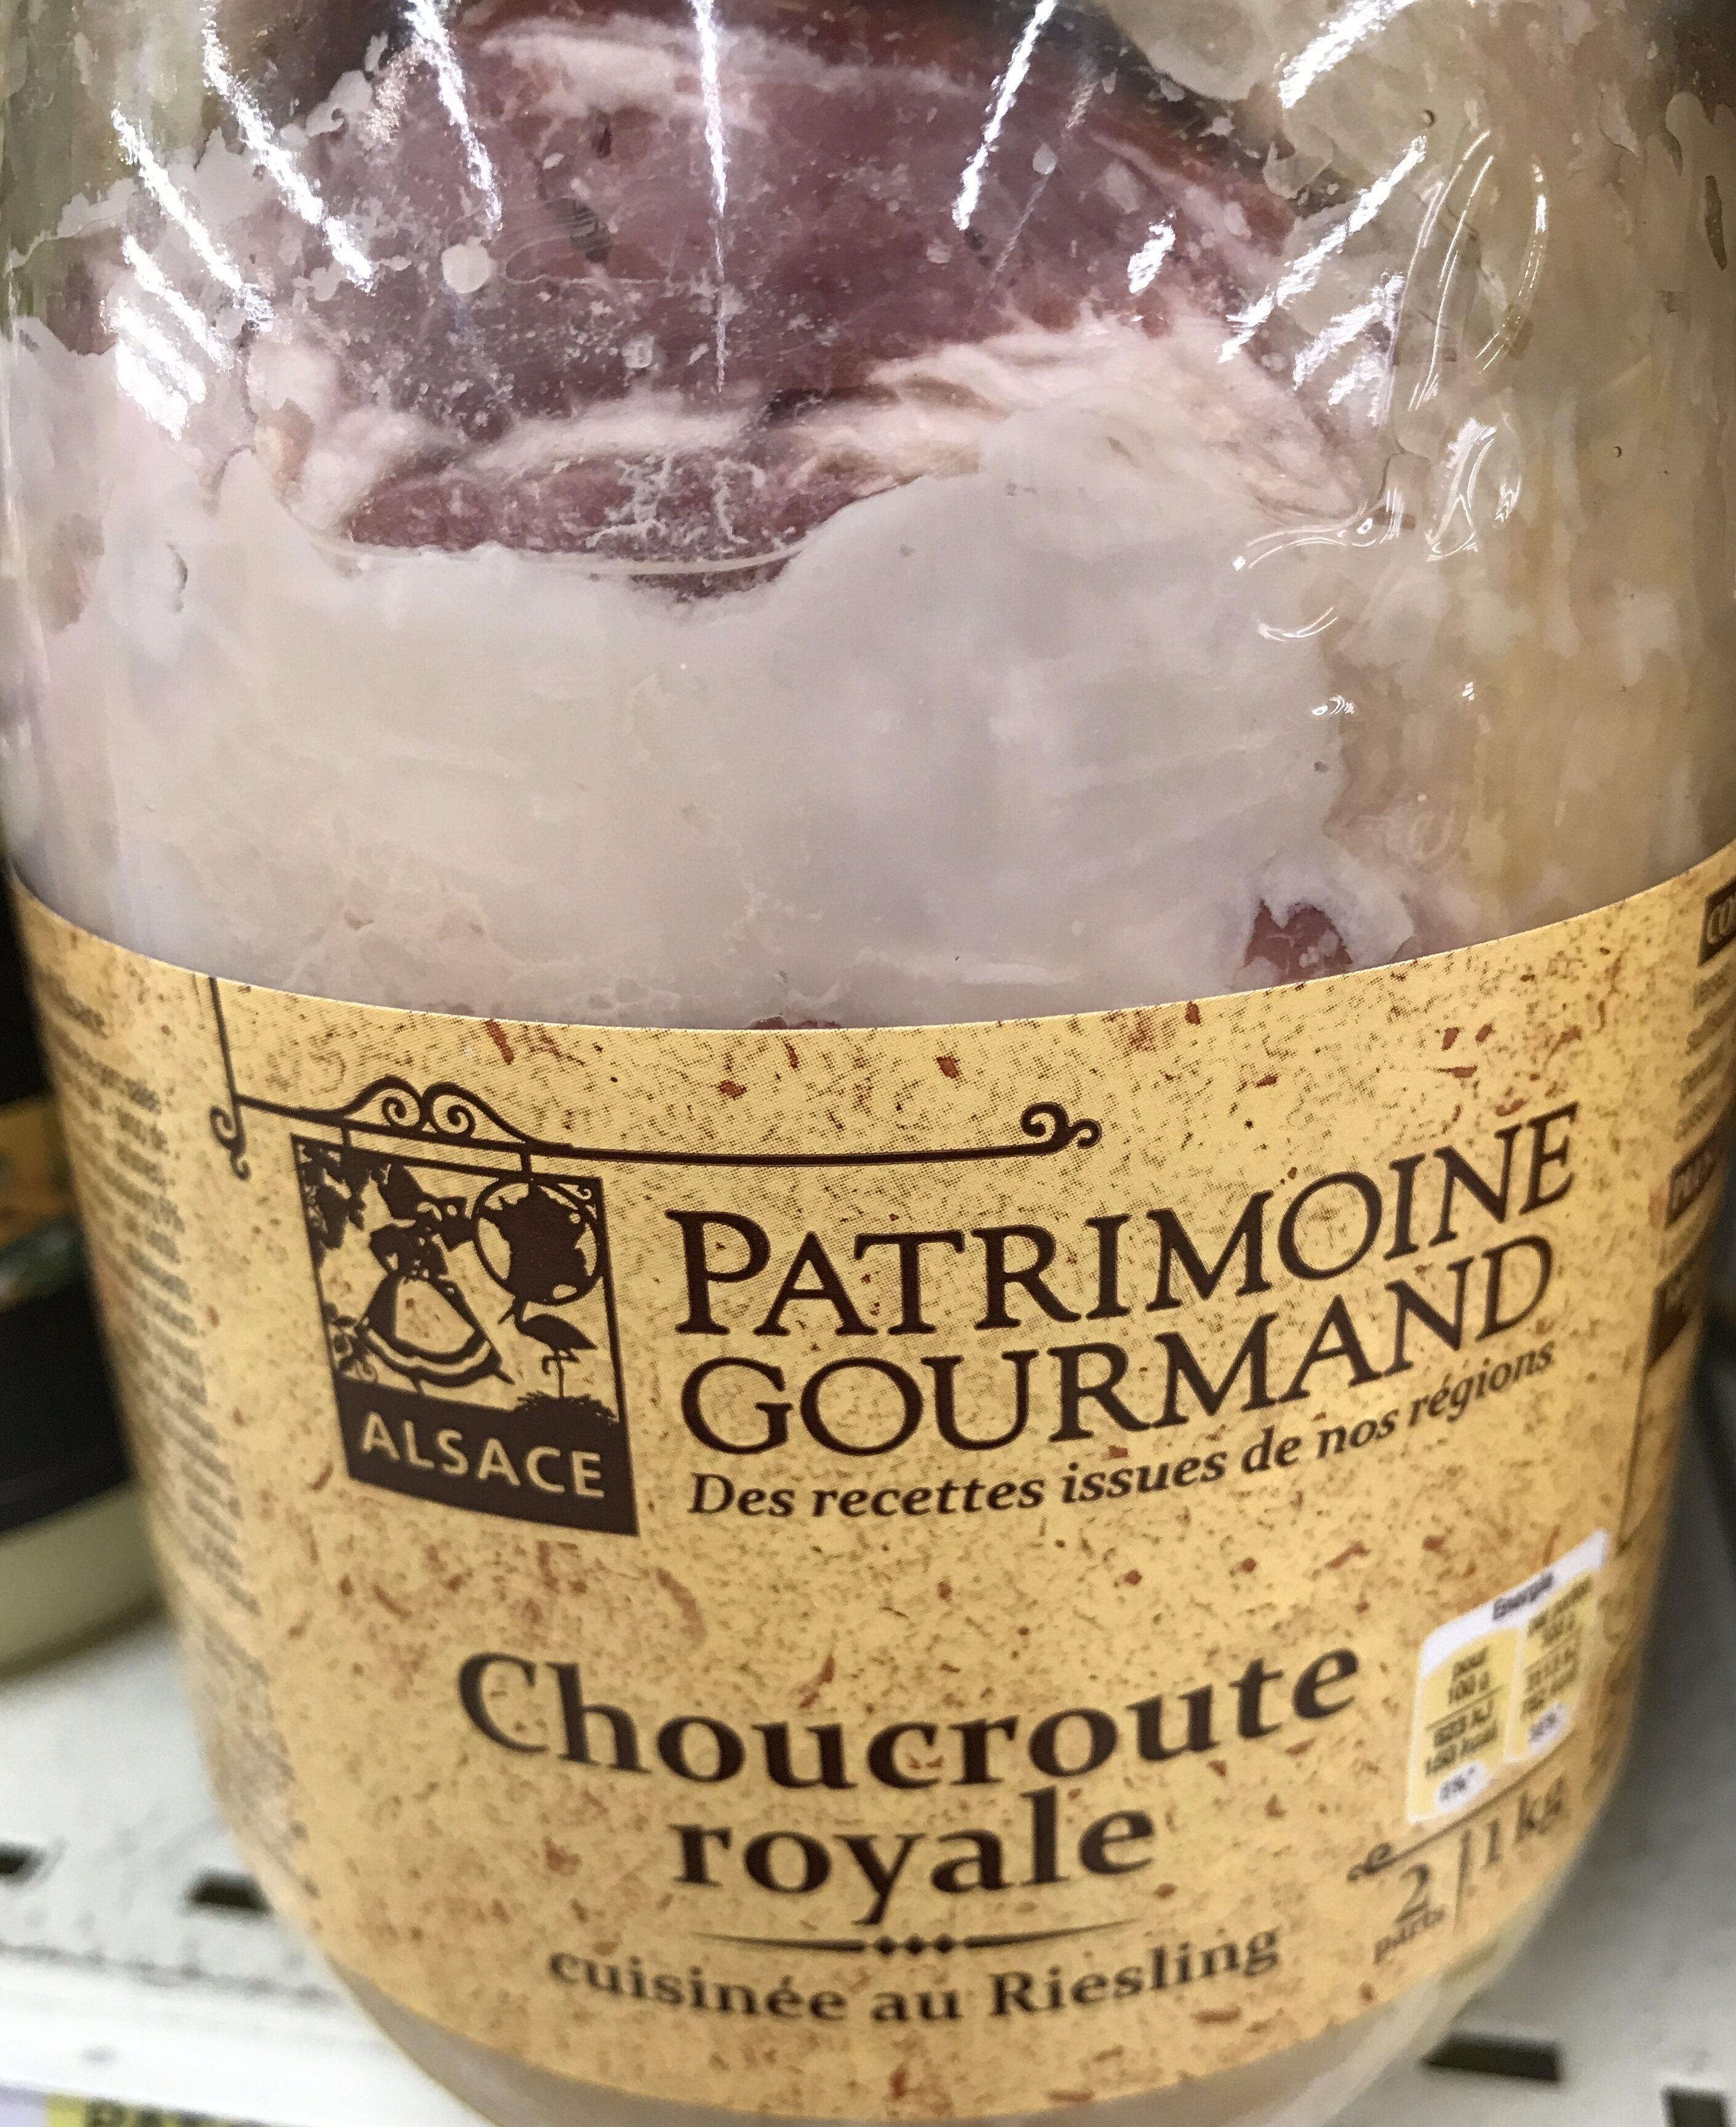 Choucroute Royale 1 Kilo - Produit - fr